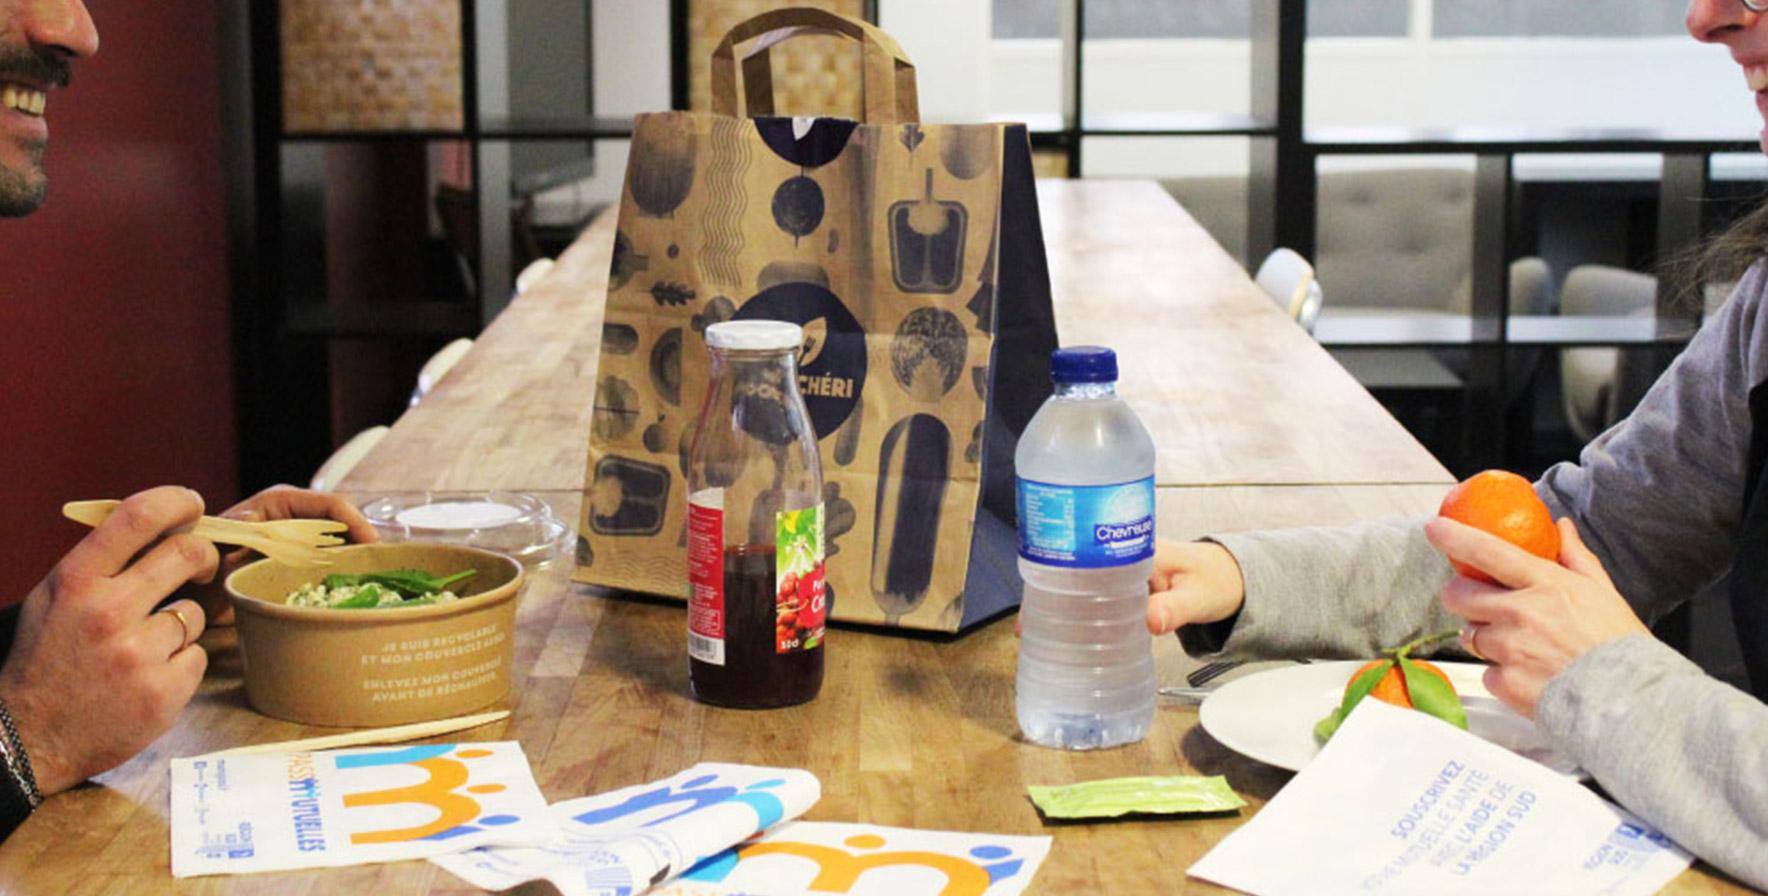 Serviette de table publicitaire, support tactique - Média tactique - Keemia Lyon Agence marketing local en région Rhône-Alpes